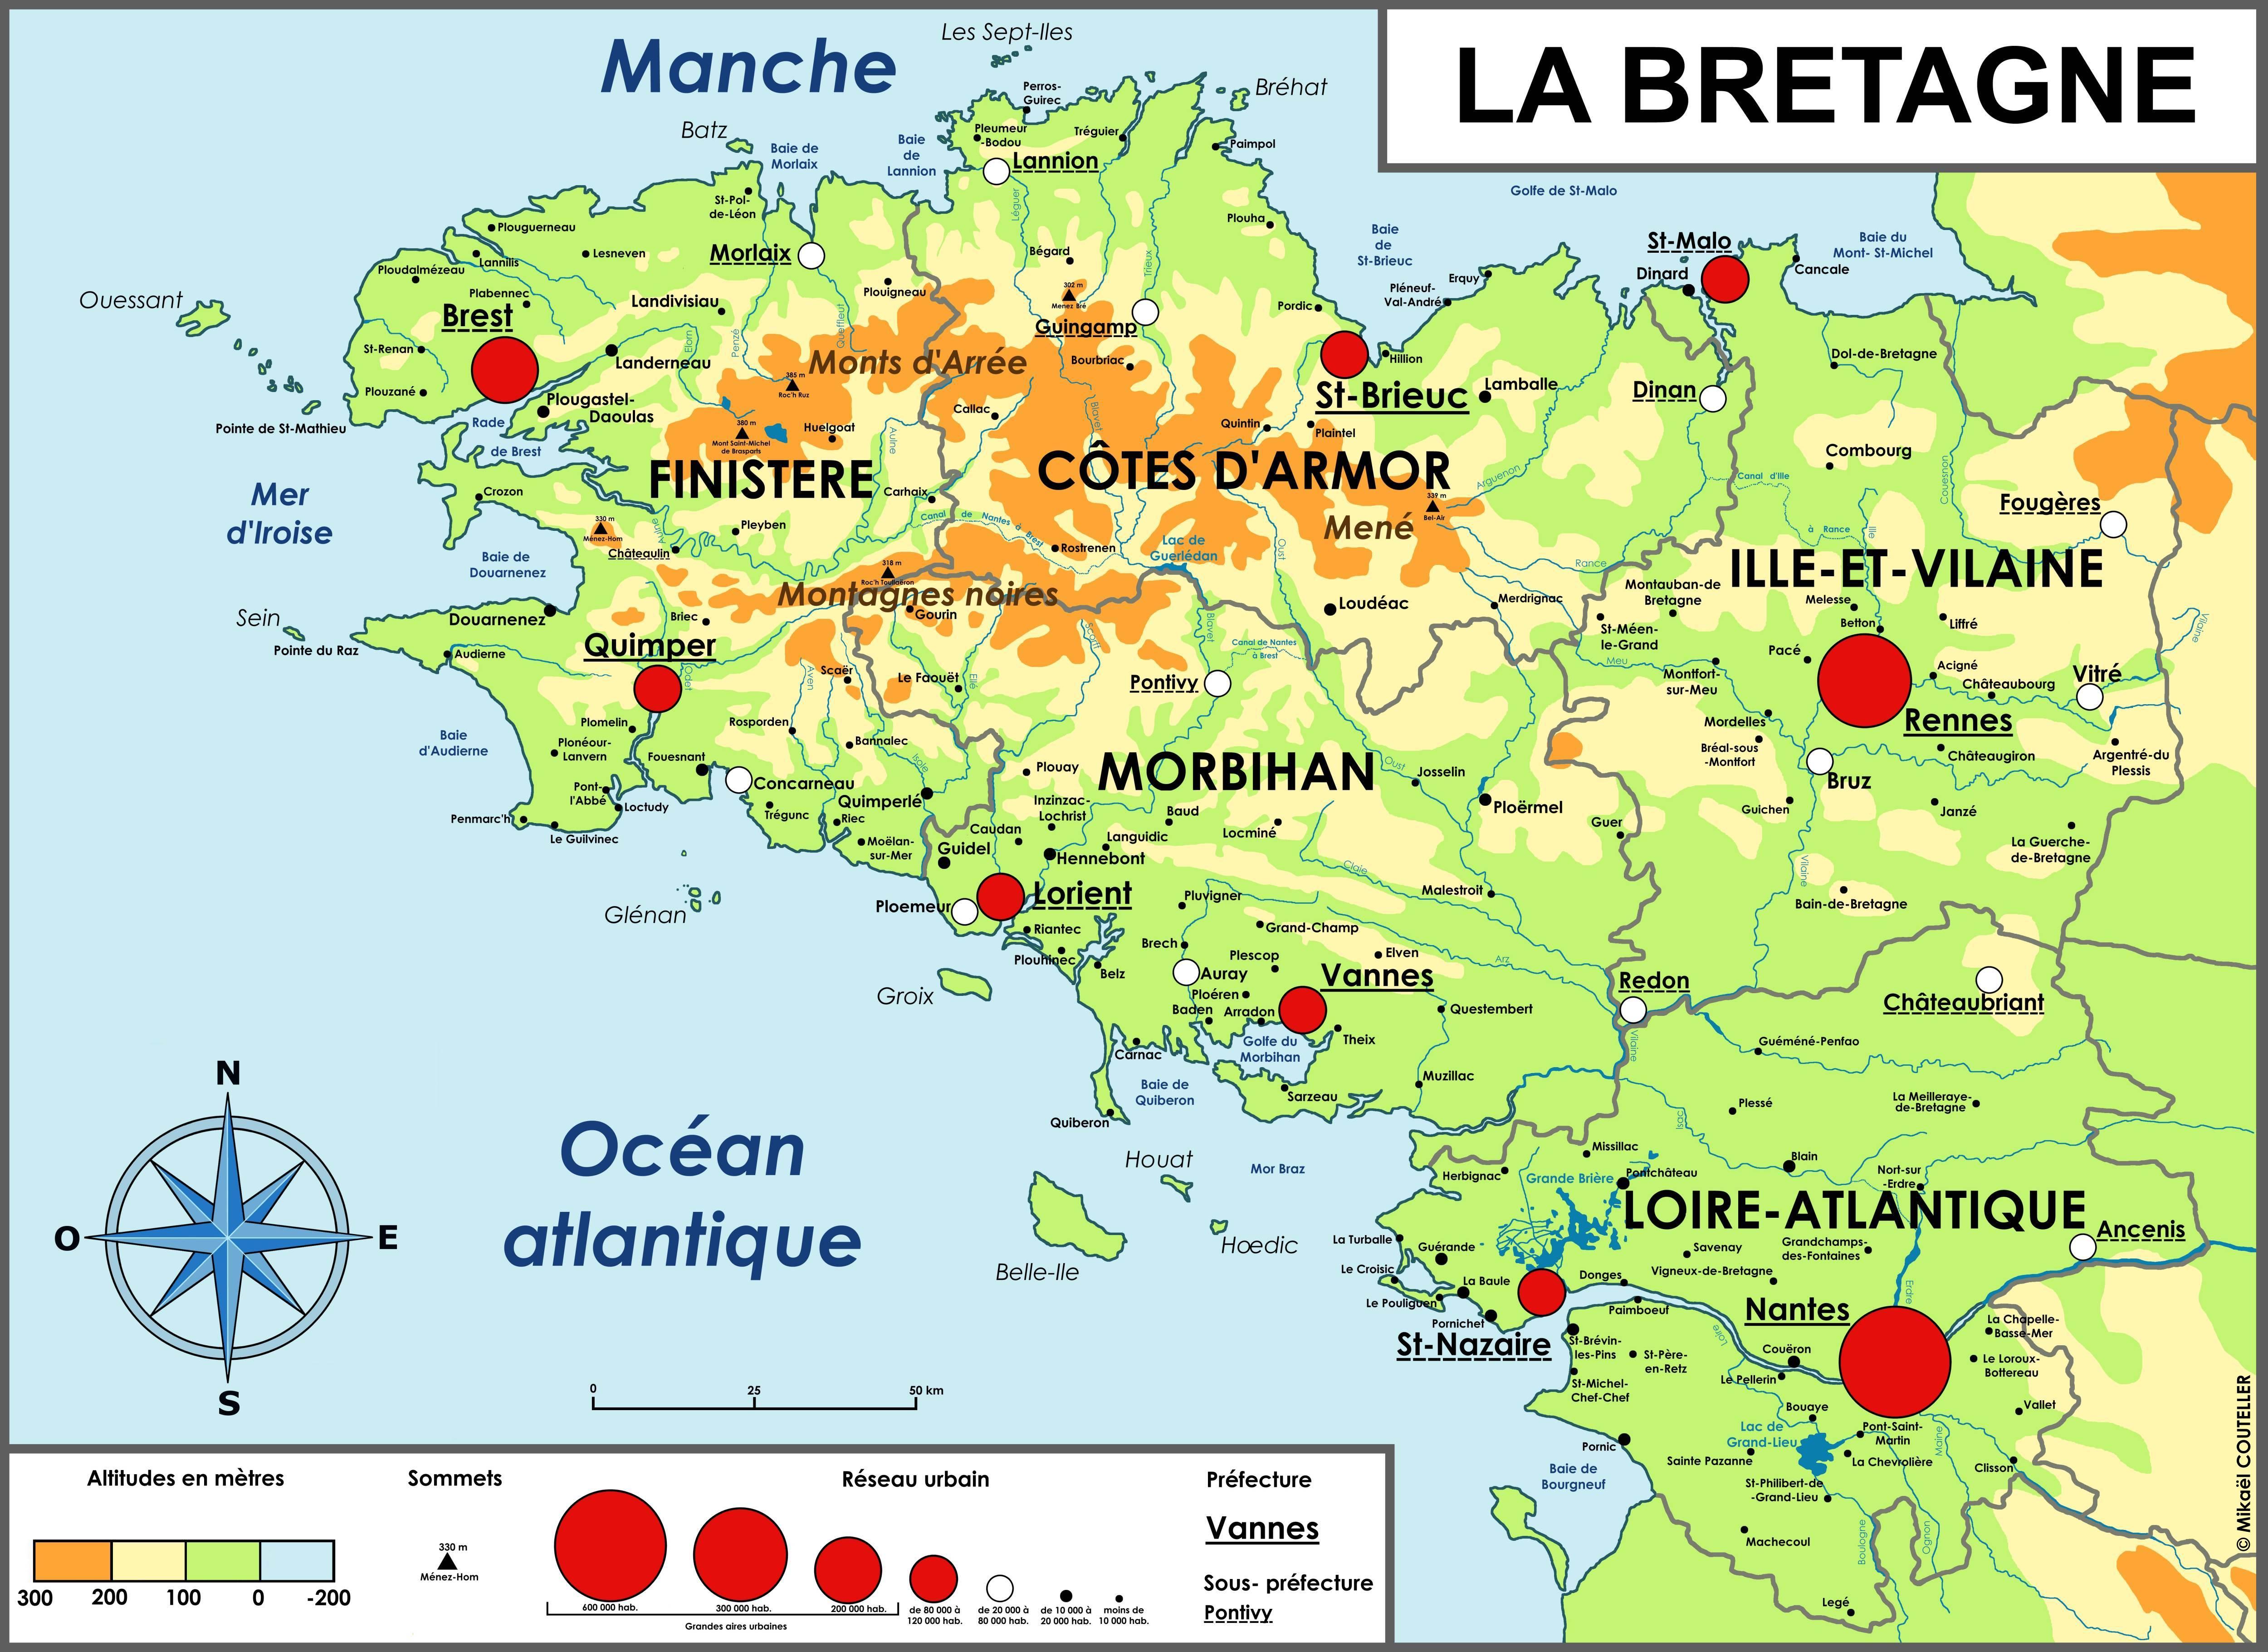 carte de la bretagne avec toutes les villes